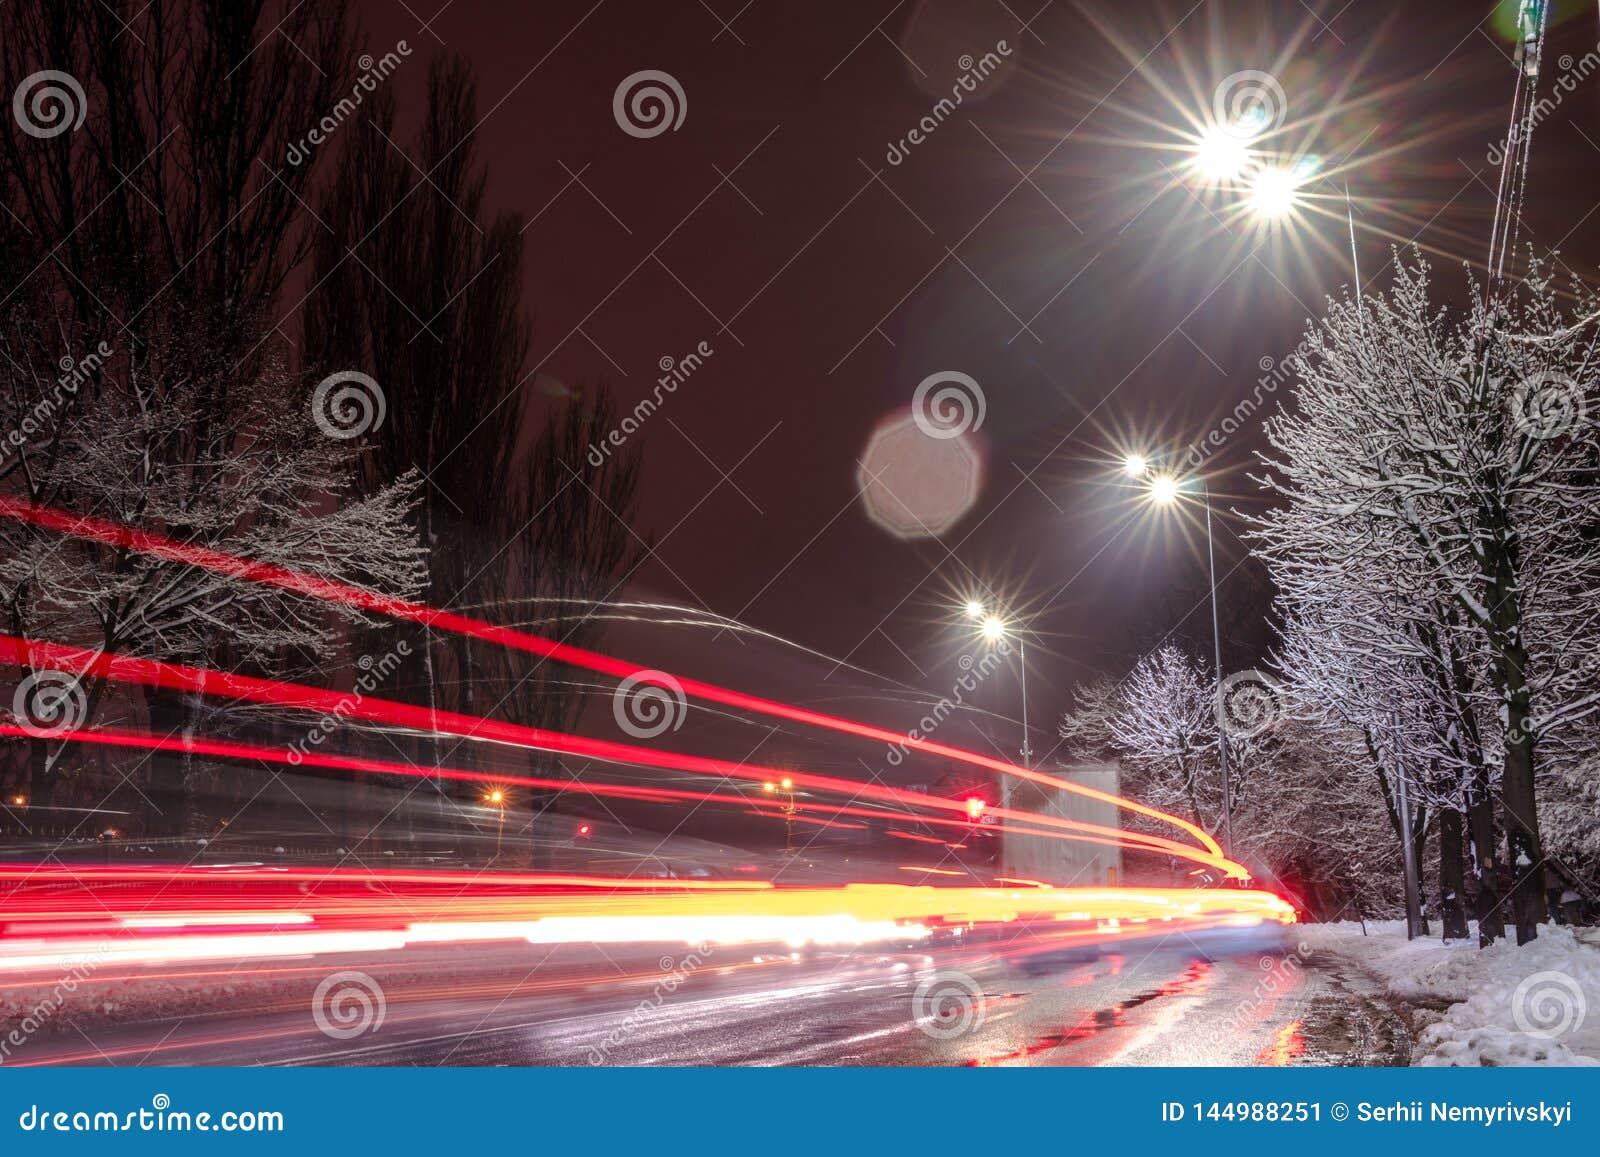 Tr?fico r?pido en la noche Estaci?n del invierno concepto del camino, el retiro de nieve y de hielo, el peligro y la seguridad de